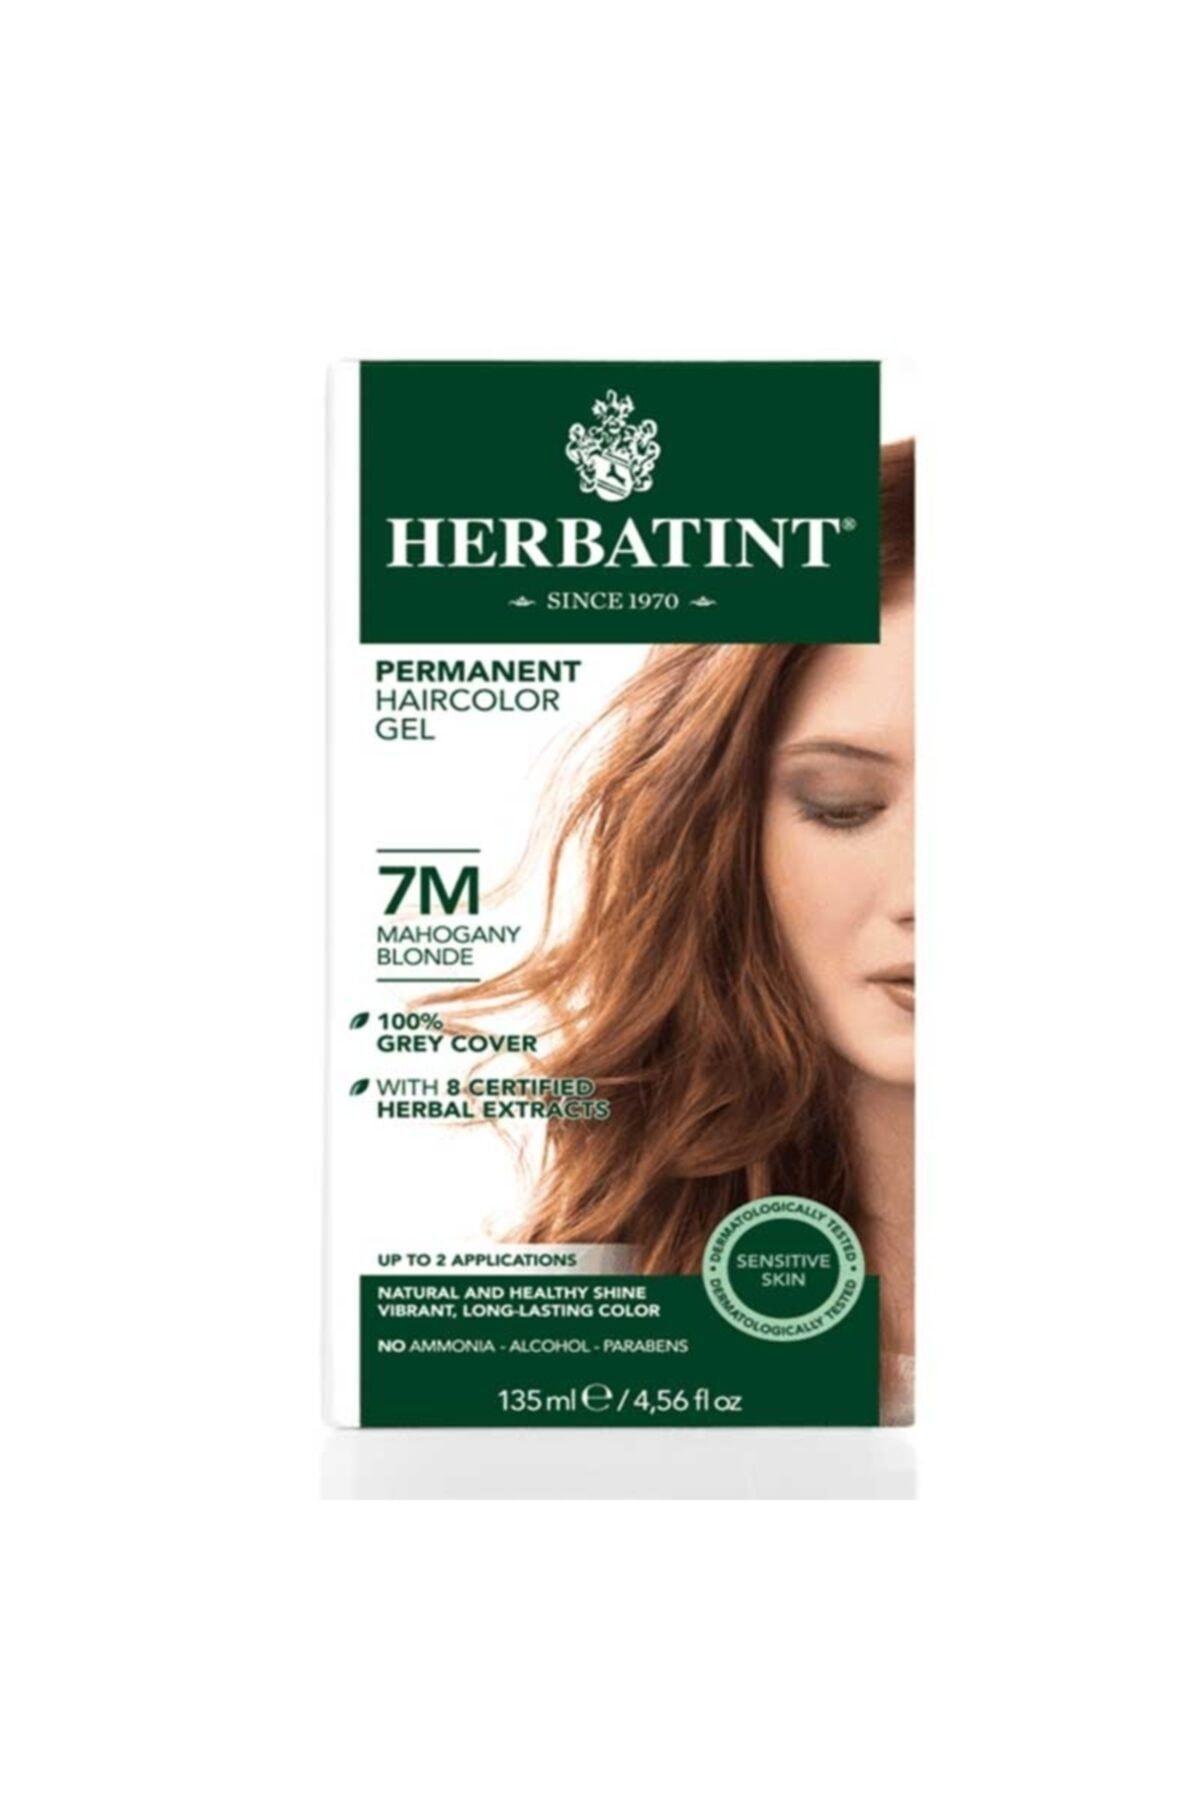 Herbatint Kalıcı Bitkisel Saç Bakım Boyası - 7m Mahogany Blonde Akaju Sarı 150 ml 8016744500180 1